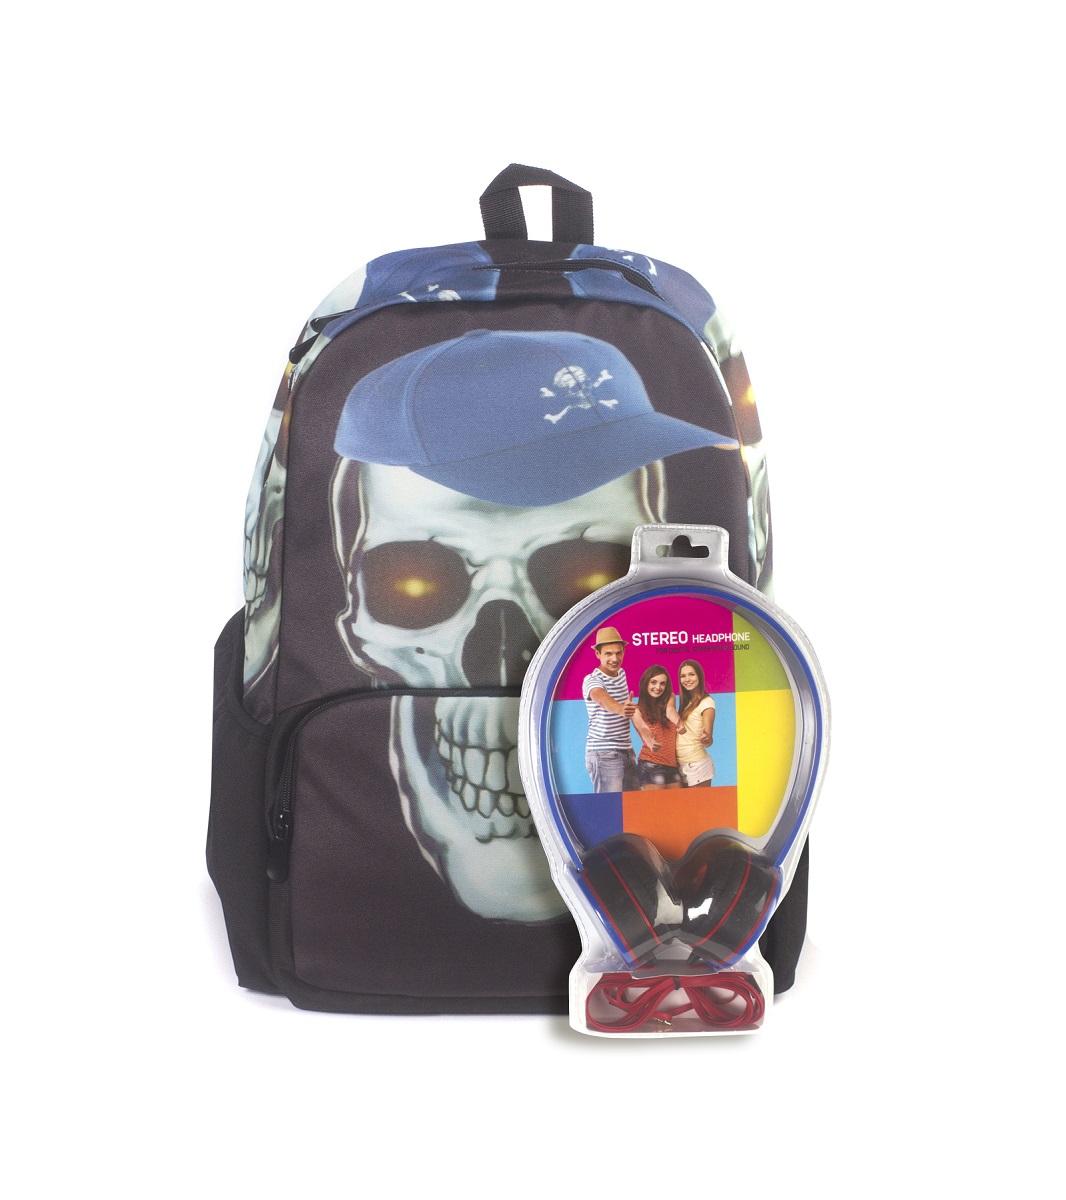 Рюкзак молодежный 3D Bags Роджер-Бейсболка, цвет: черный, голубой, 27 л + ПОДАРОК: НаушникиWA-1505024Рюкзак молодежный 3D Bags Роджер-Бейсболка + ПОДАРОК: Наушники.Новая коллекция для любителей Веселого Роджера. С этими рюкзаки вы всегда будете на пике популярности, а наушники, входящие в комплект, позволят вам не расставаться с любимой музыкой, фильмами и играми. Технические характеристики: длина шнура 1800 мм (+-50 мм), частота 20-20 КГц, импеданс 32 Ом (+-10%), чувствительность 105 дБ/В (+-3 дБ на 1 КГц), разъем mini-jack 3,5 мм.Наушники поставляются в цветовом ассортименте. Поставка осуществляется в зависимости от наличия на складе.Объем: 27 л.